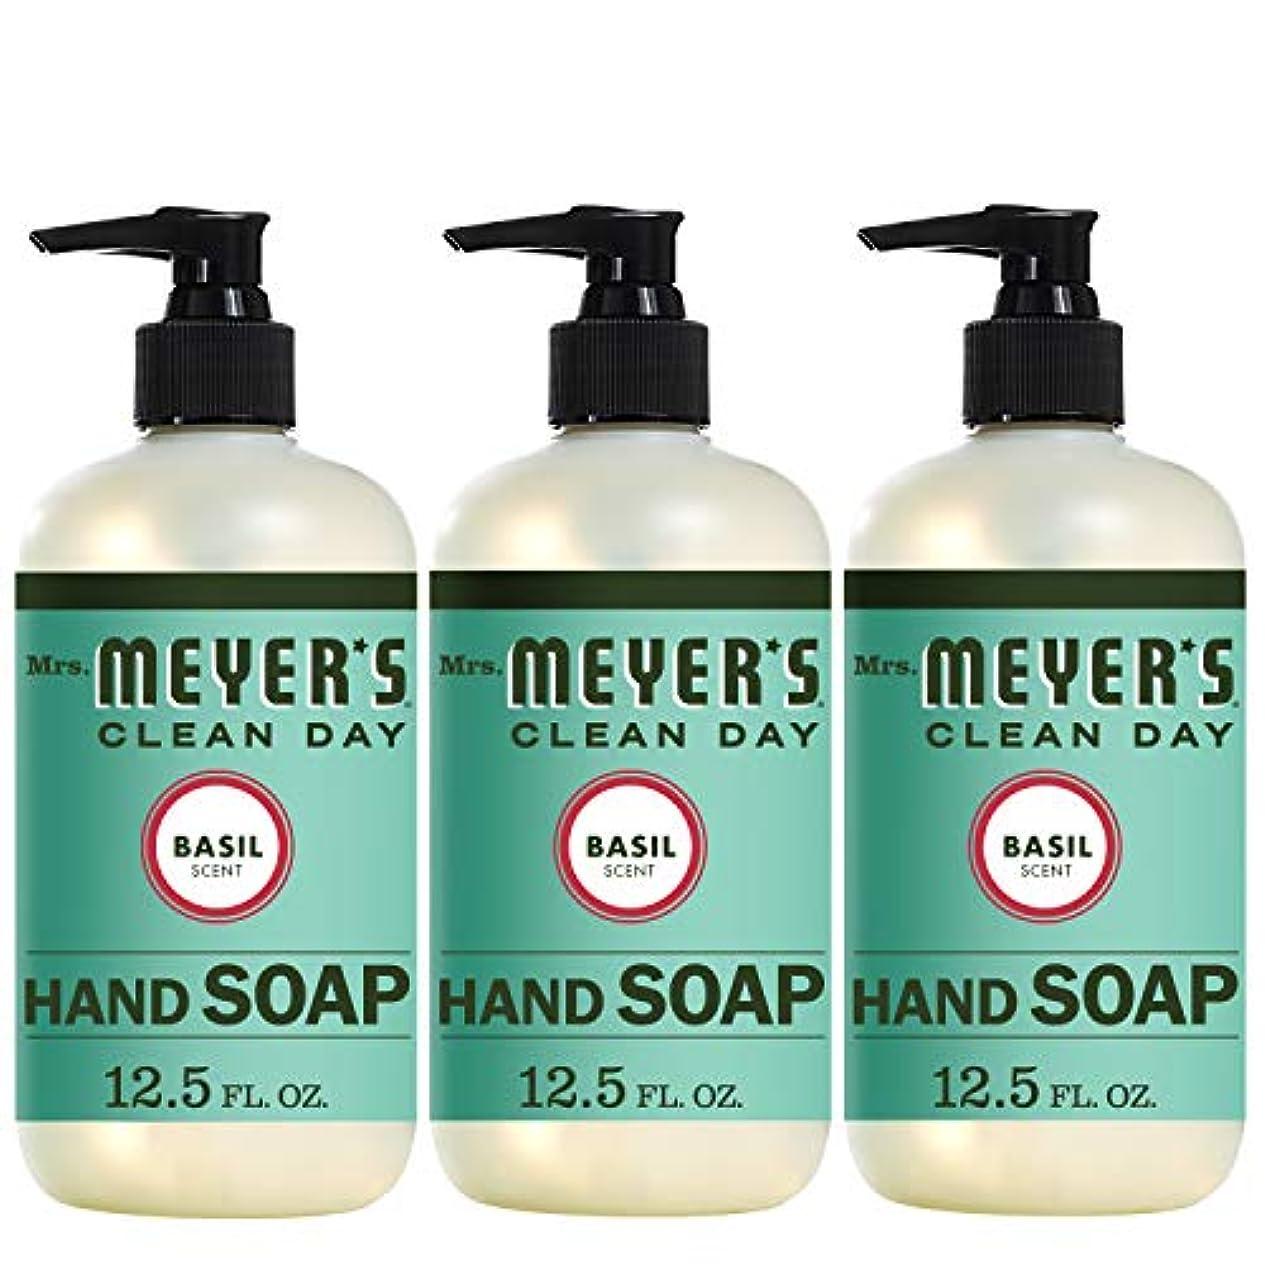 エンターテインメント泥沼反対にLiquid Hand Soap - Basil - Case of 6-12.5 oz by Mrs. Meyer's